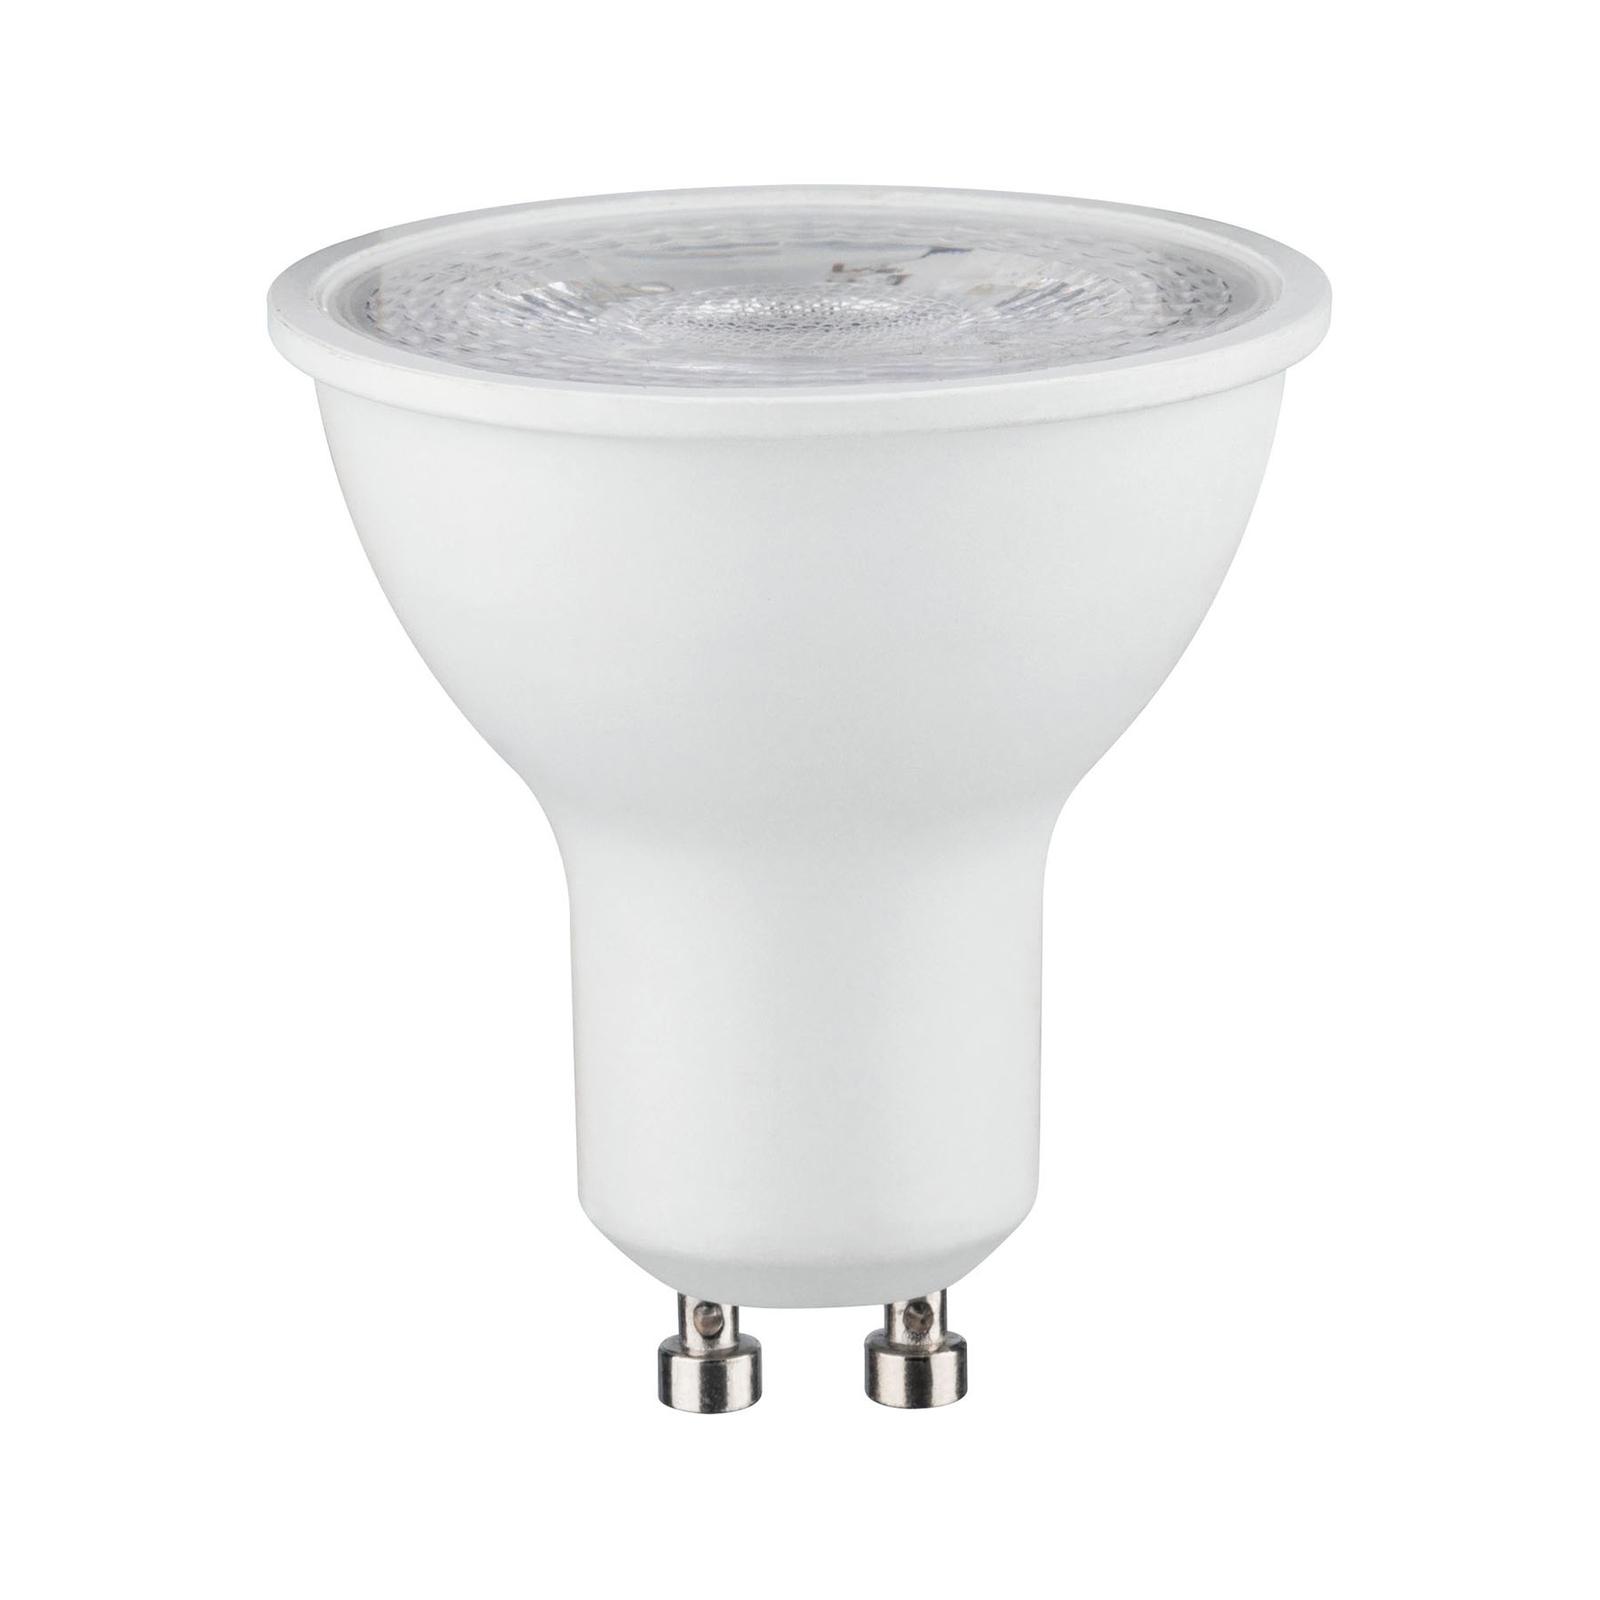 Paulmann LED-Reflektor GU10 7W 4.000K dim weiß